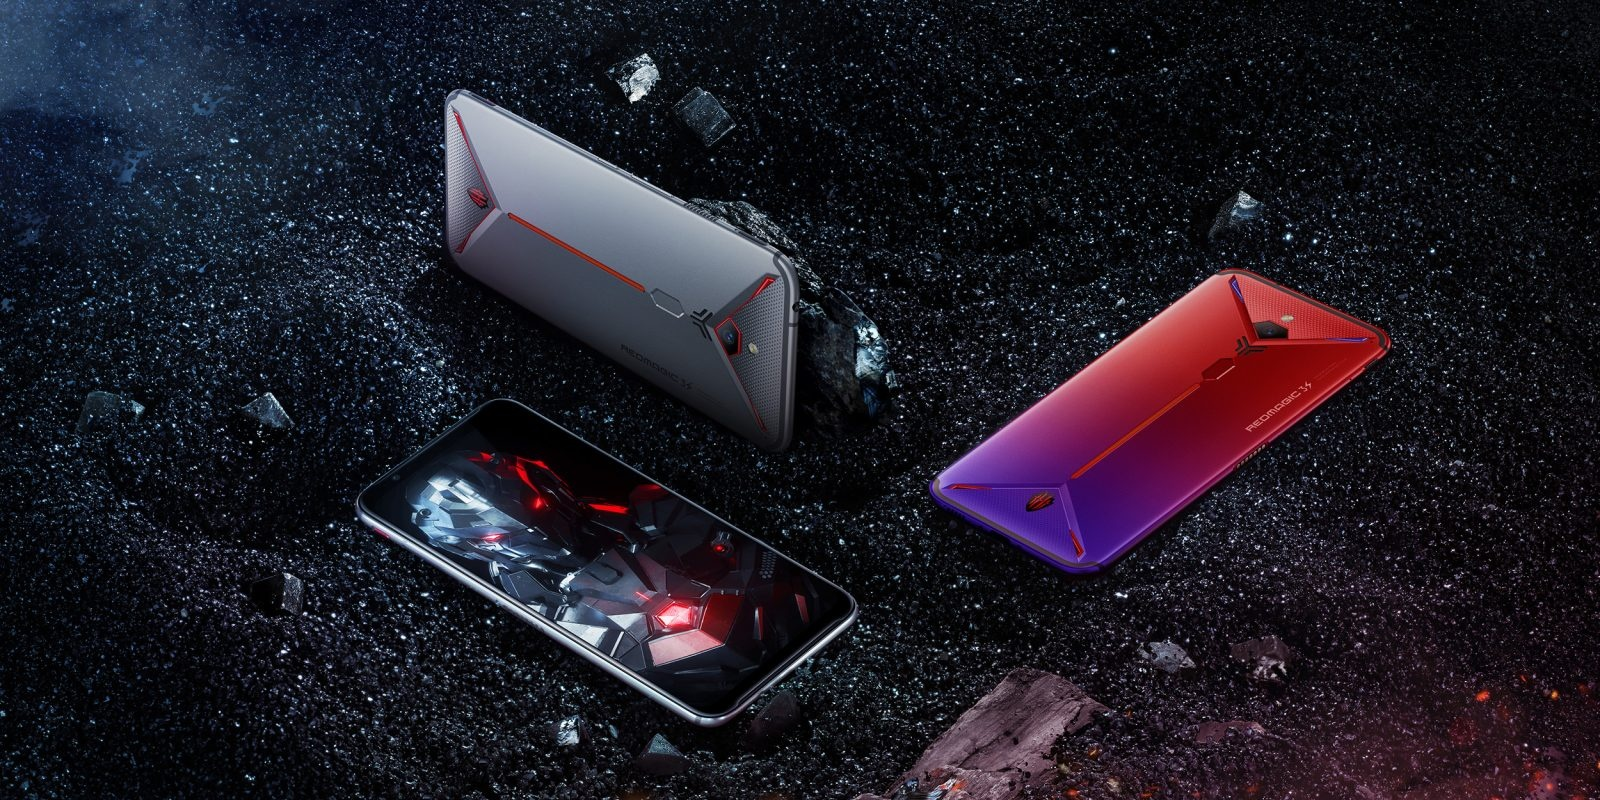 Названа мировая цена игрового смартфона Red Magic 3S